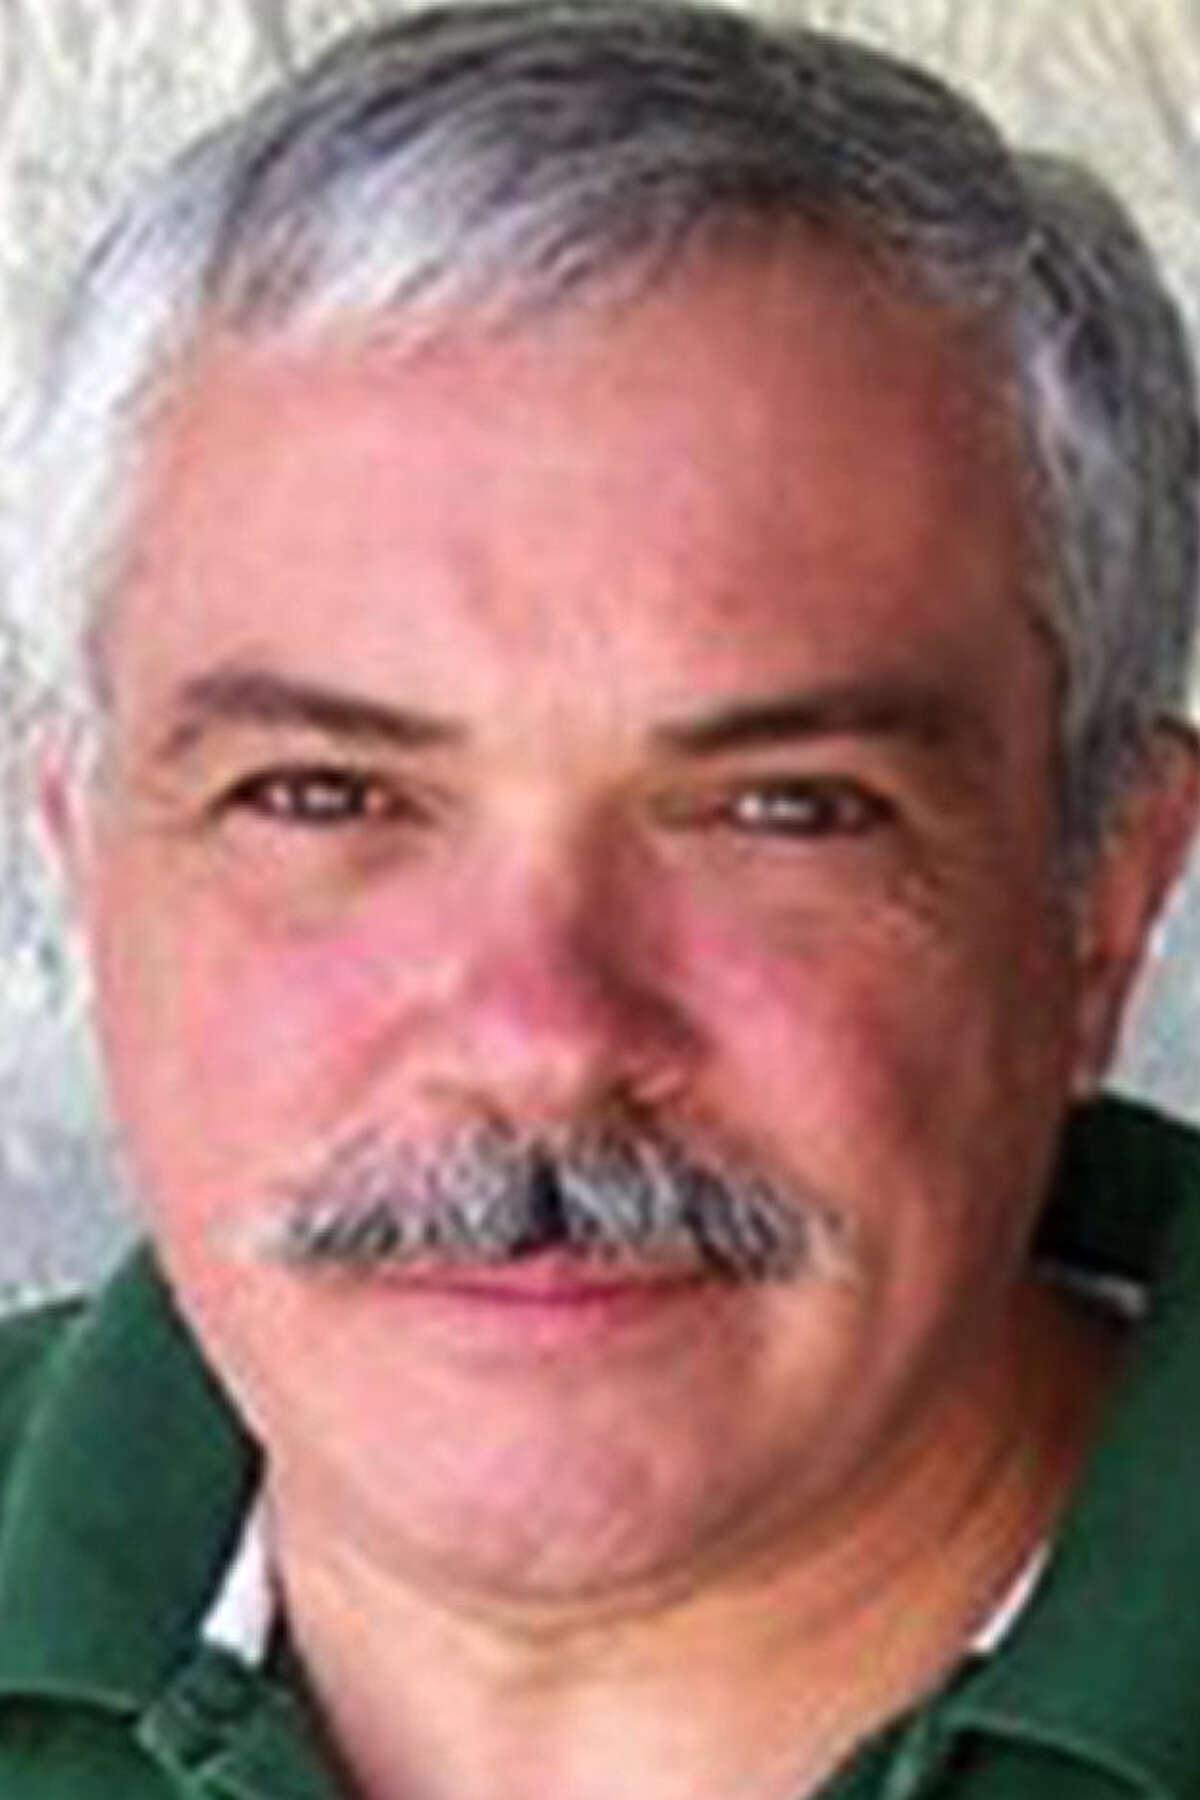 William Groneman III